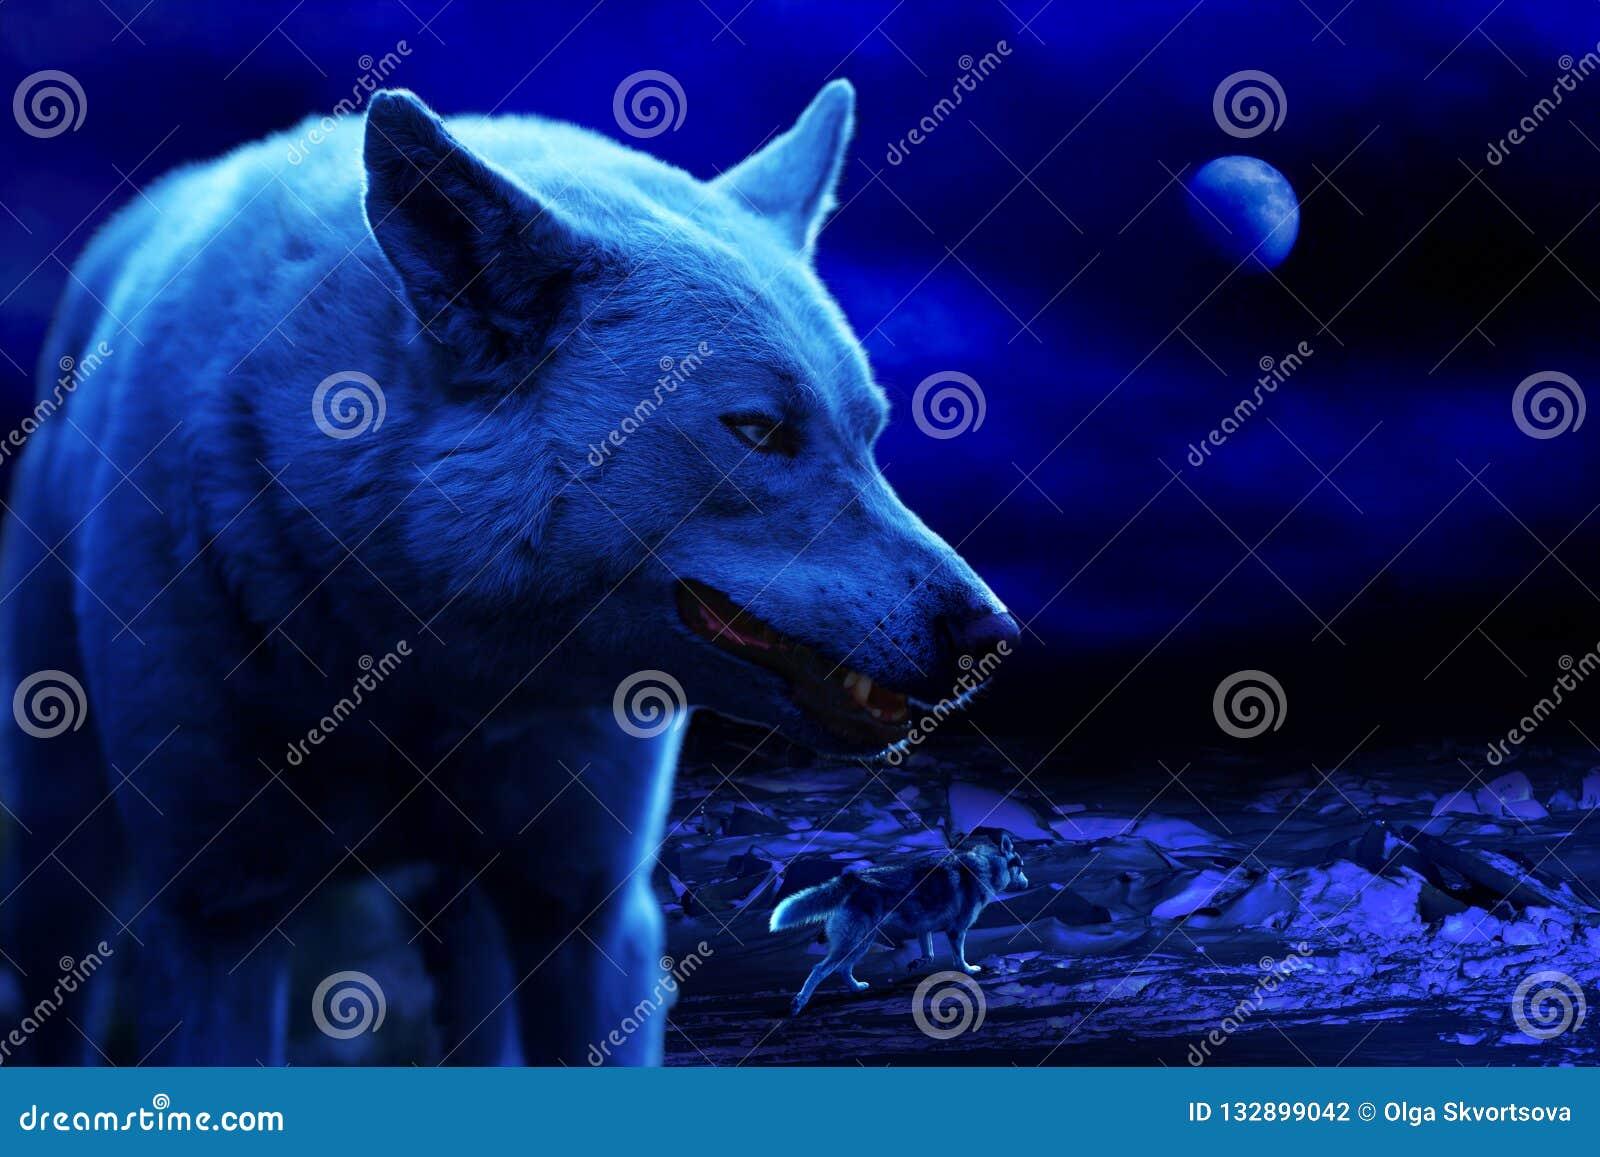 Оскалы белого волка вечером среди торошений льда